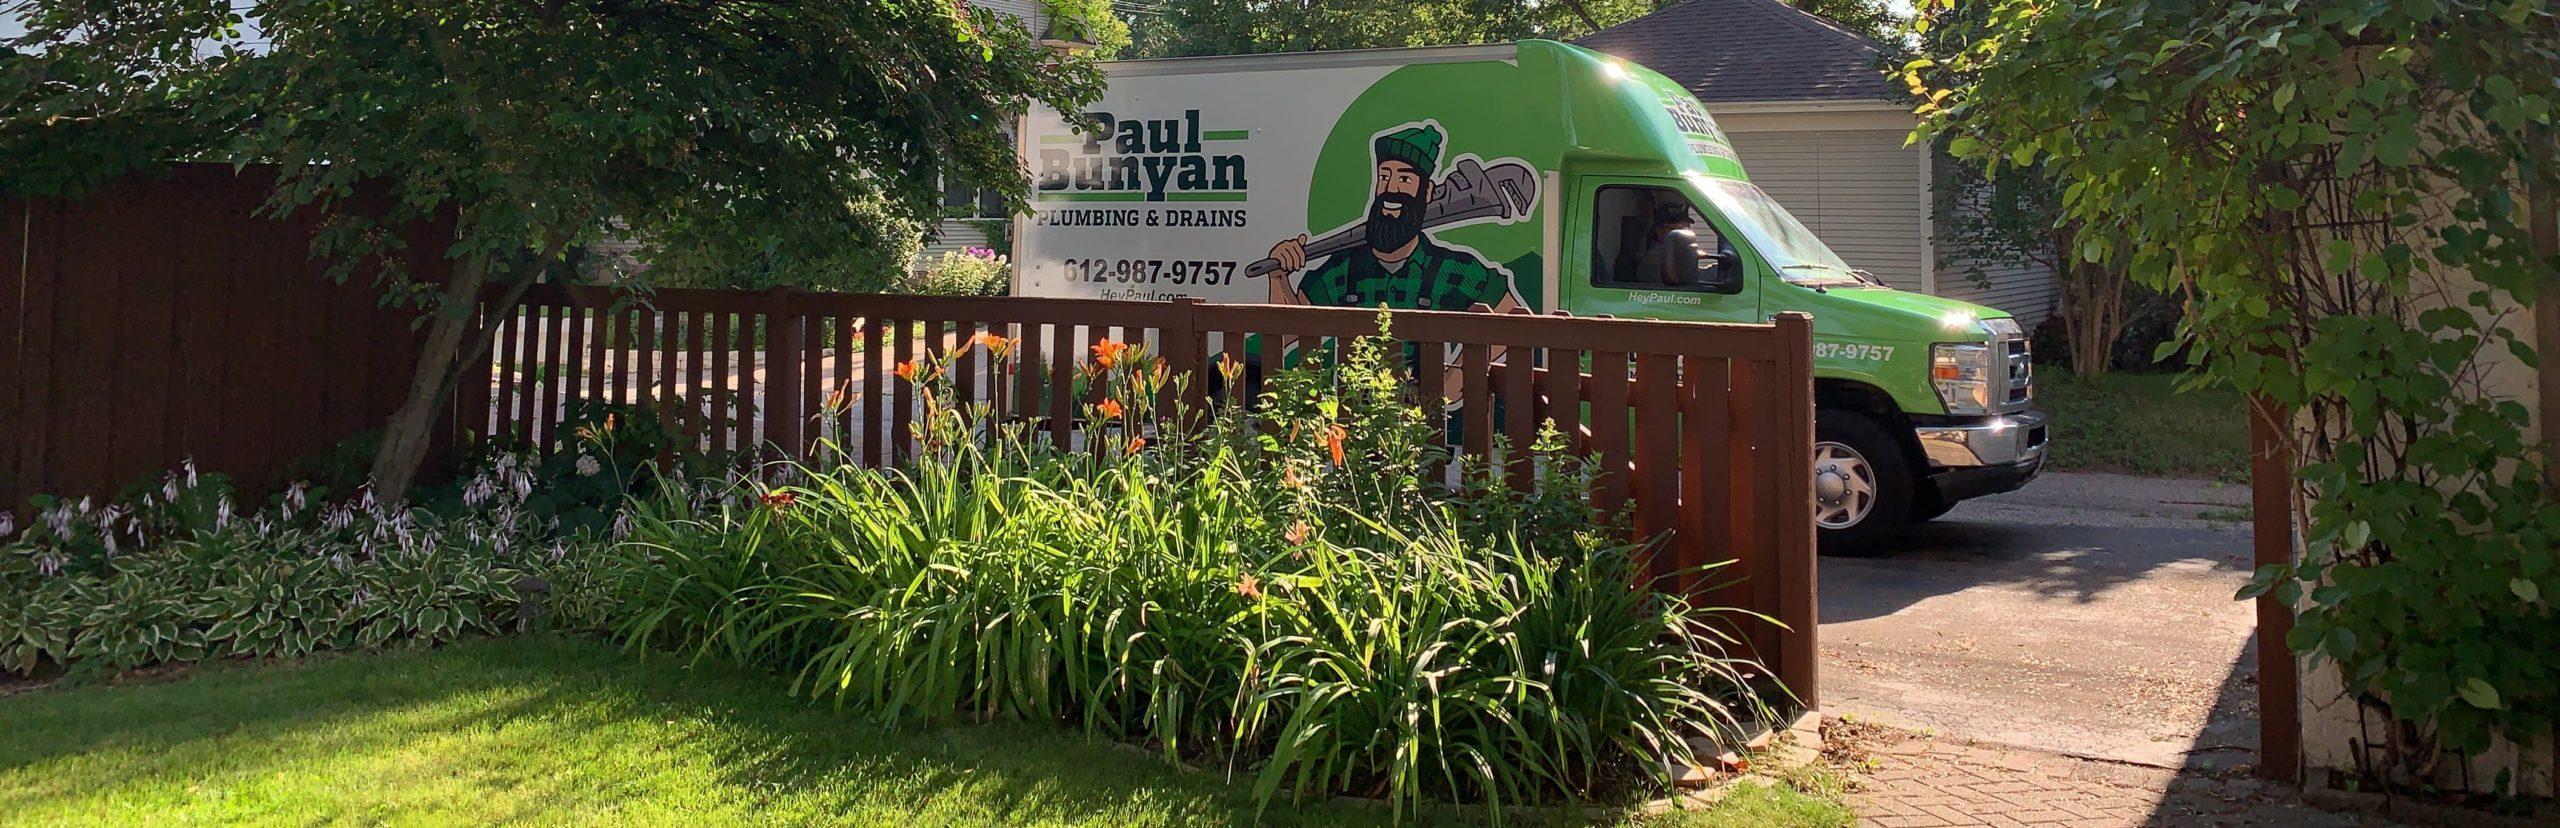 Paul Bunyan Plumbing & Drains - Serving Anoka, MN